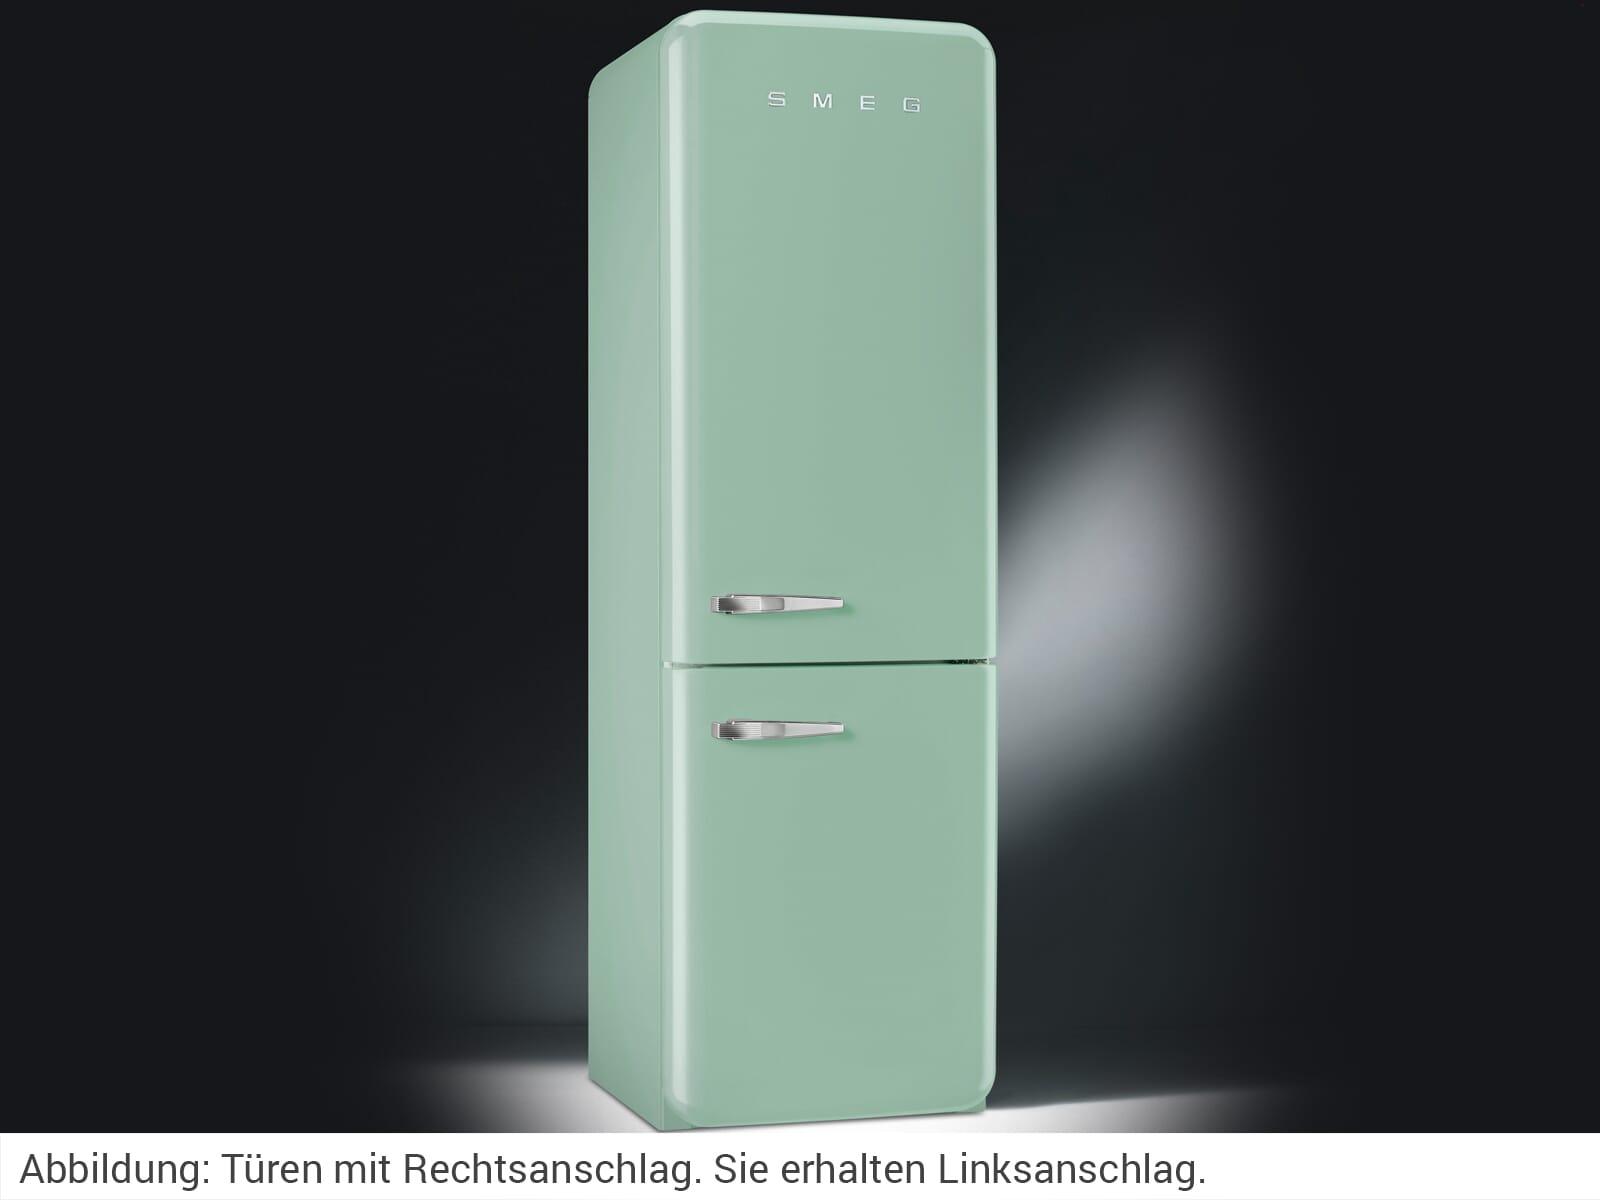 Smeg Kühlschrank Pastellgrün : Smeg fab lpg kühl gefrierkombination pastellgrün